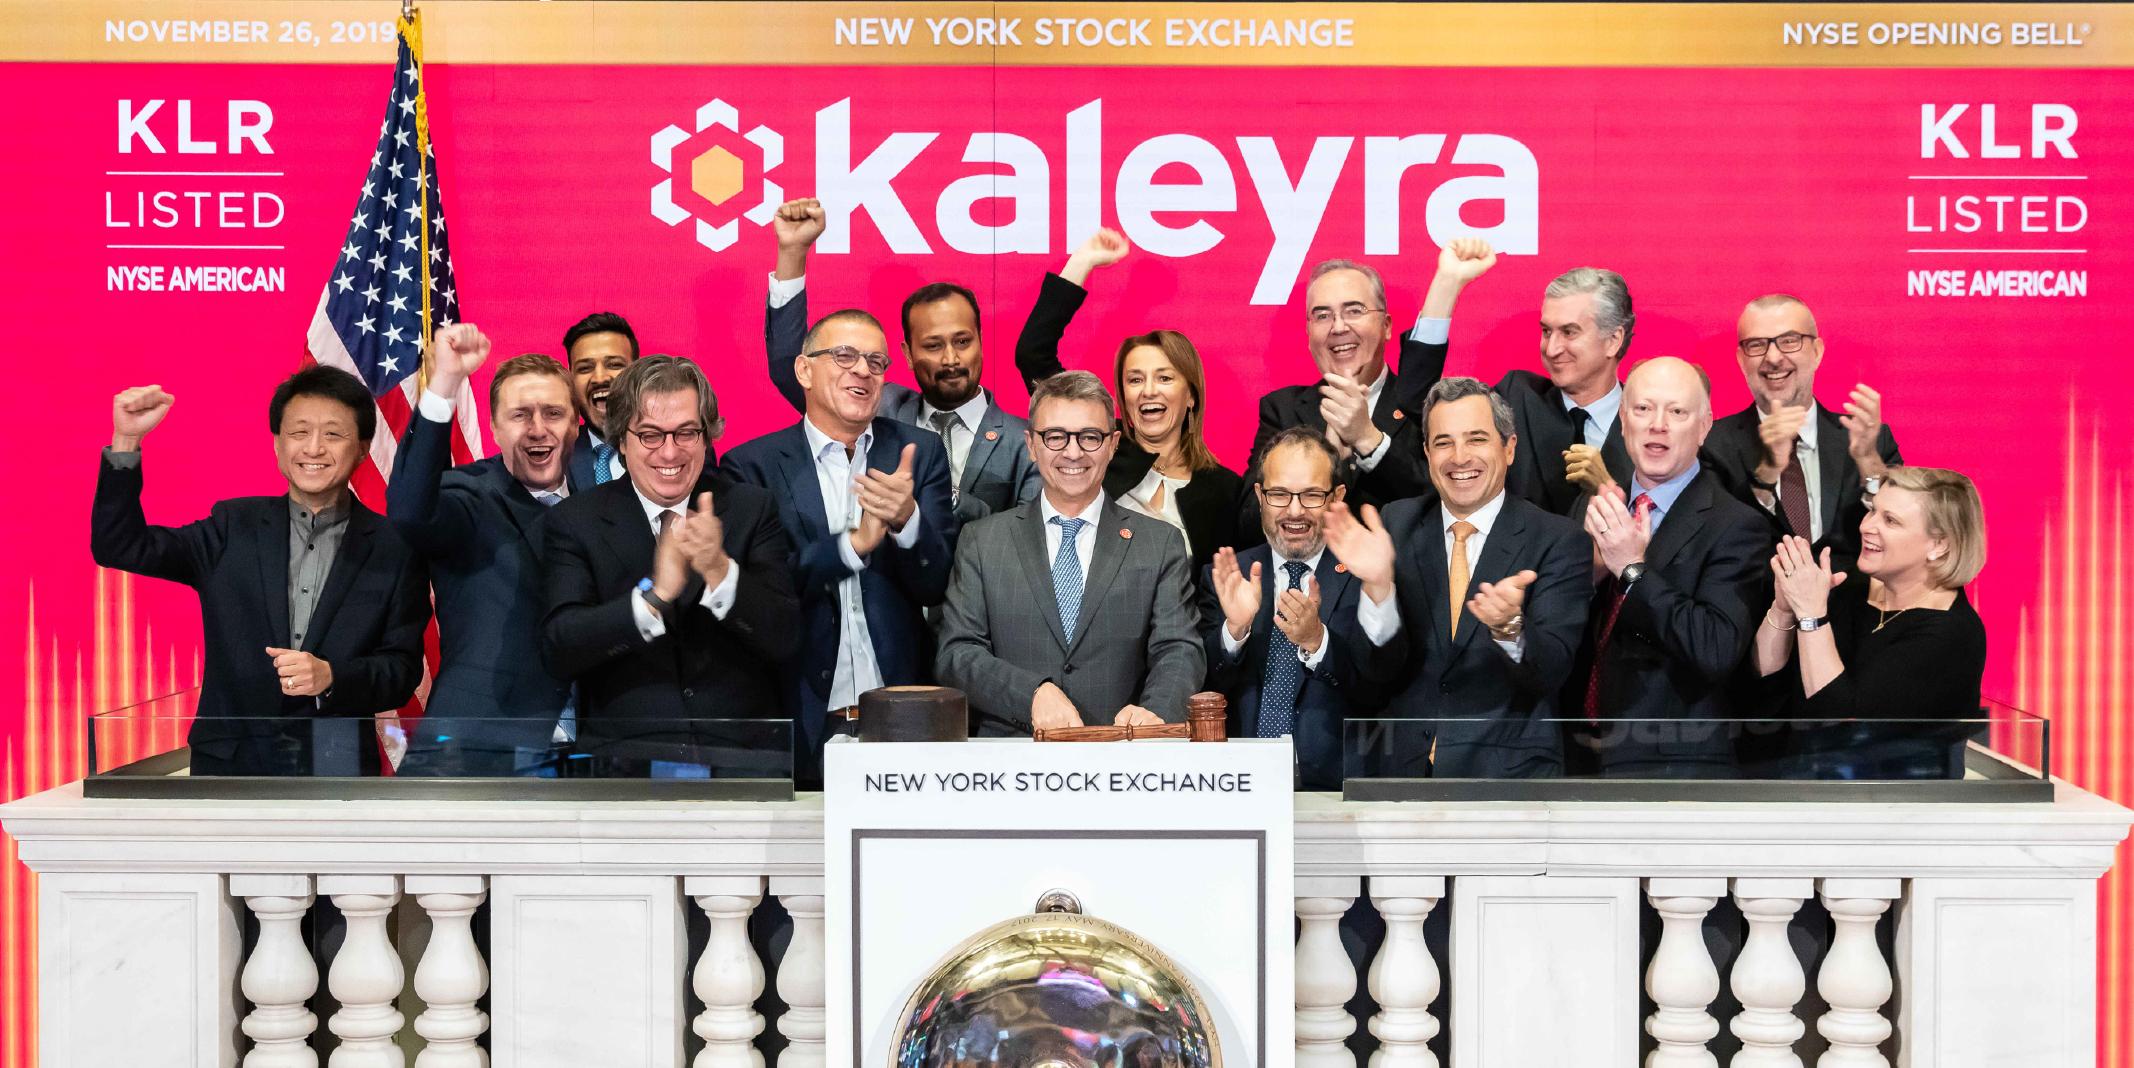 Kaleyra NYSE